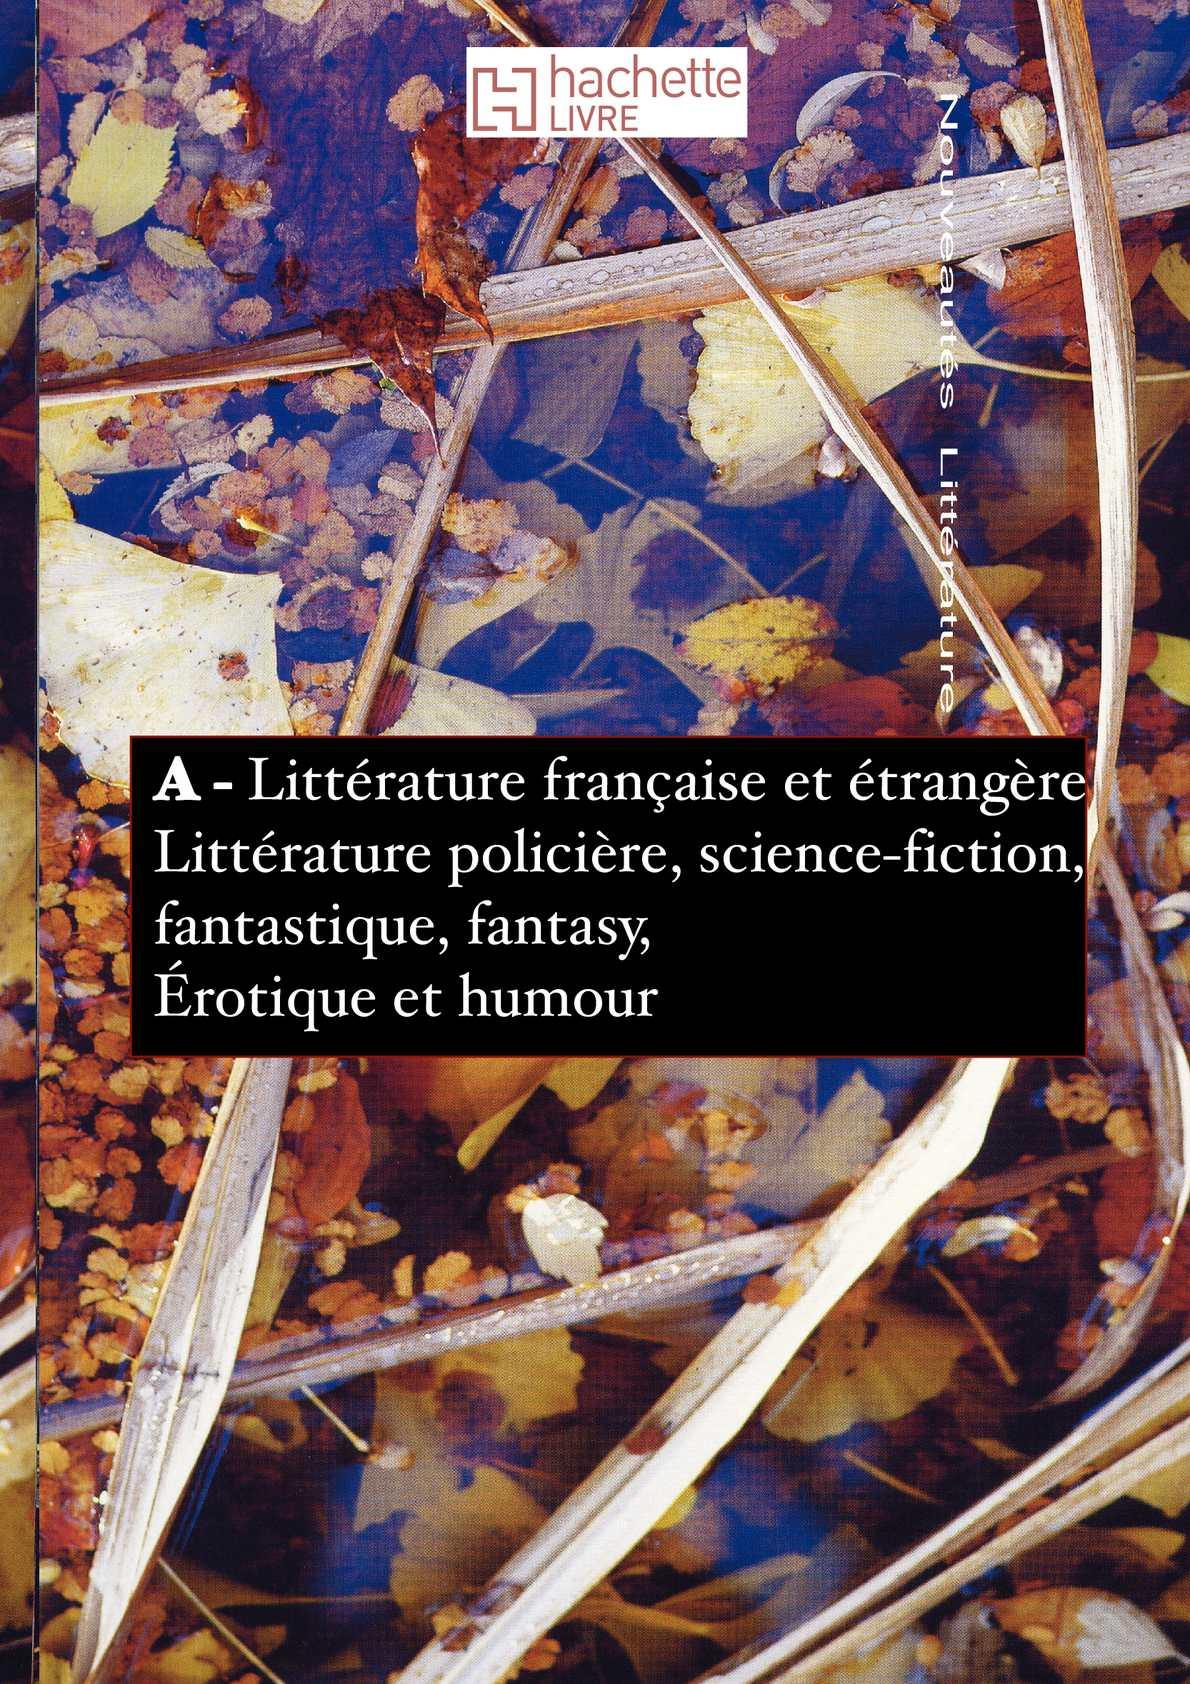 Calaméo - Septembre 2013 Catalogue Complet Lib Diff addf089b3aa4